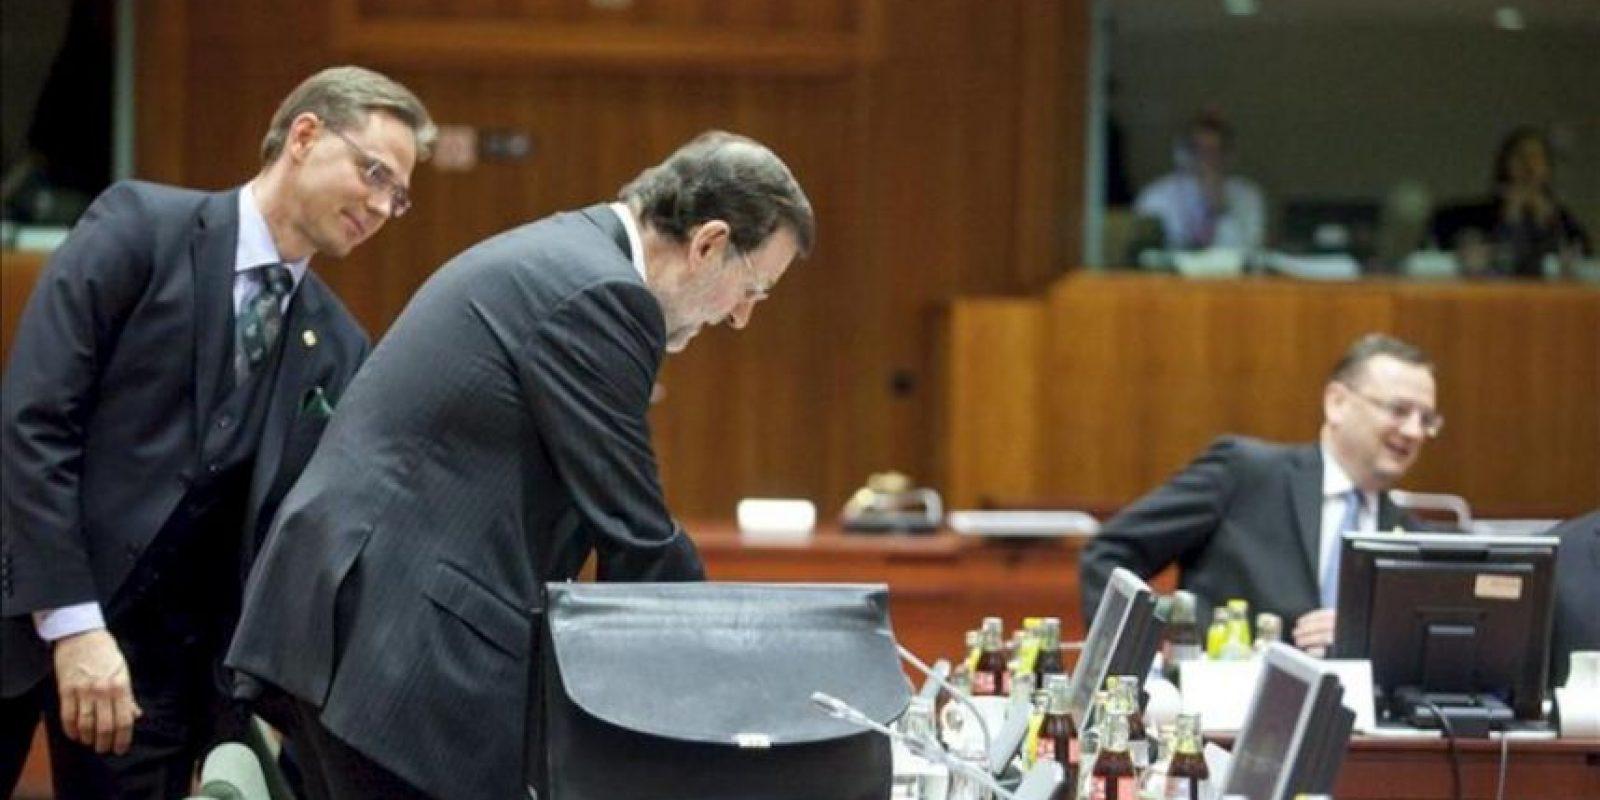 El presidente del Gobierno, Mariano Rajoy, y el primer ministro finlandés, Jyrki Katainen, en la cumbre extraordinaria de jefes de Estado y de Gobierno de la Unión Europea (UE). EFE